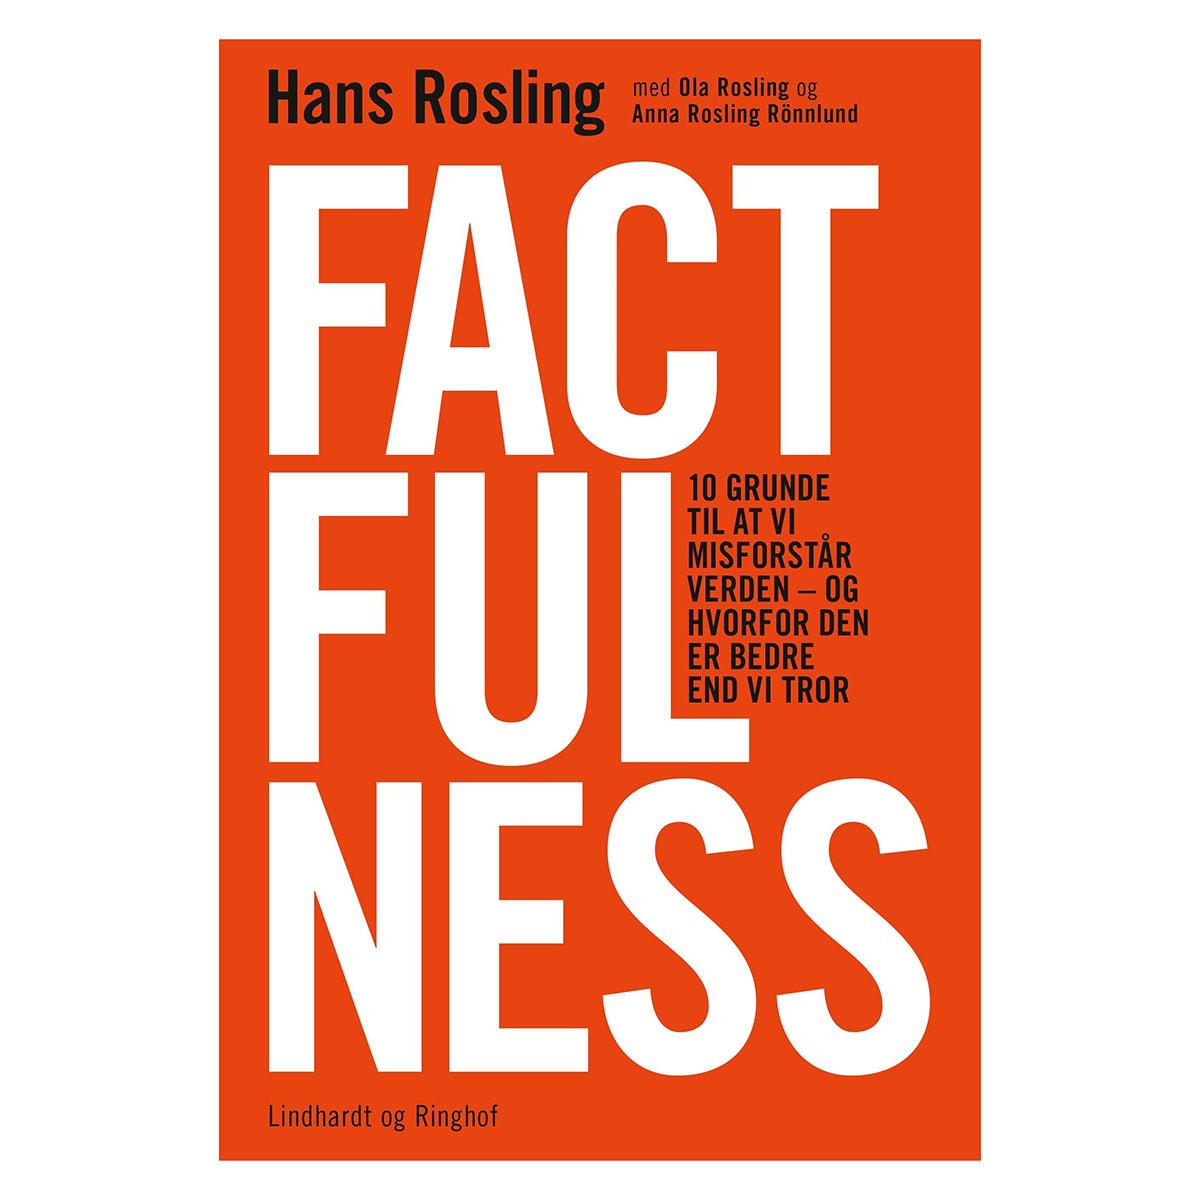 Af Anna Rosling Rönnlund, Hans Rosling & Ola Rosling